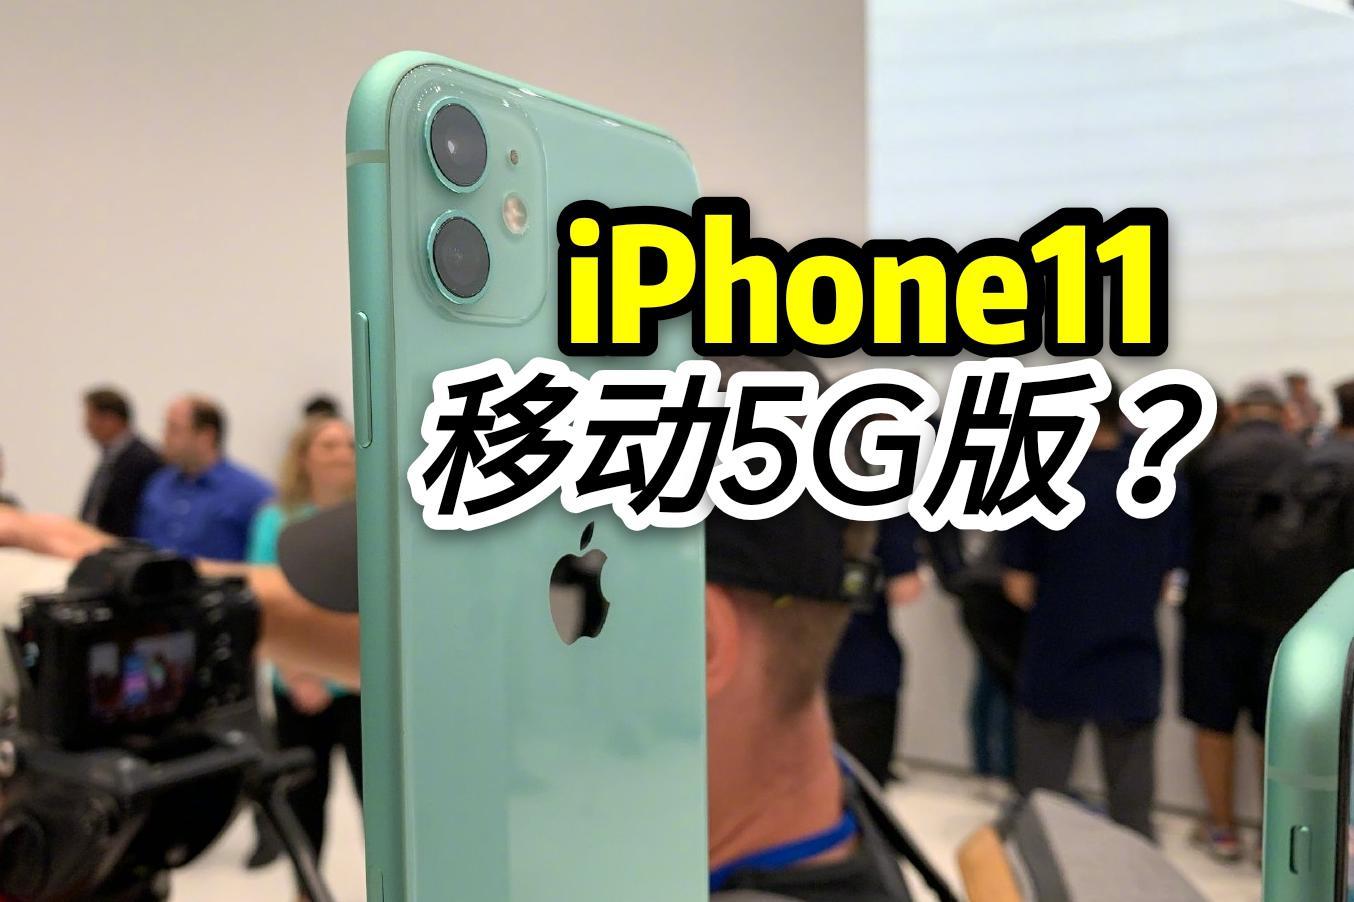 移动5G版iPhone11正式上架 网友发问:苹果哪来的5G?